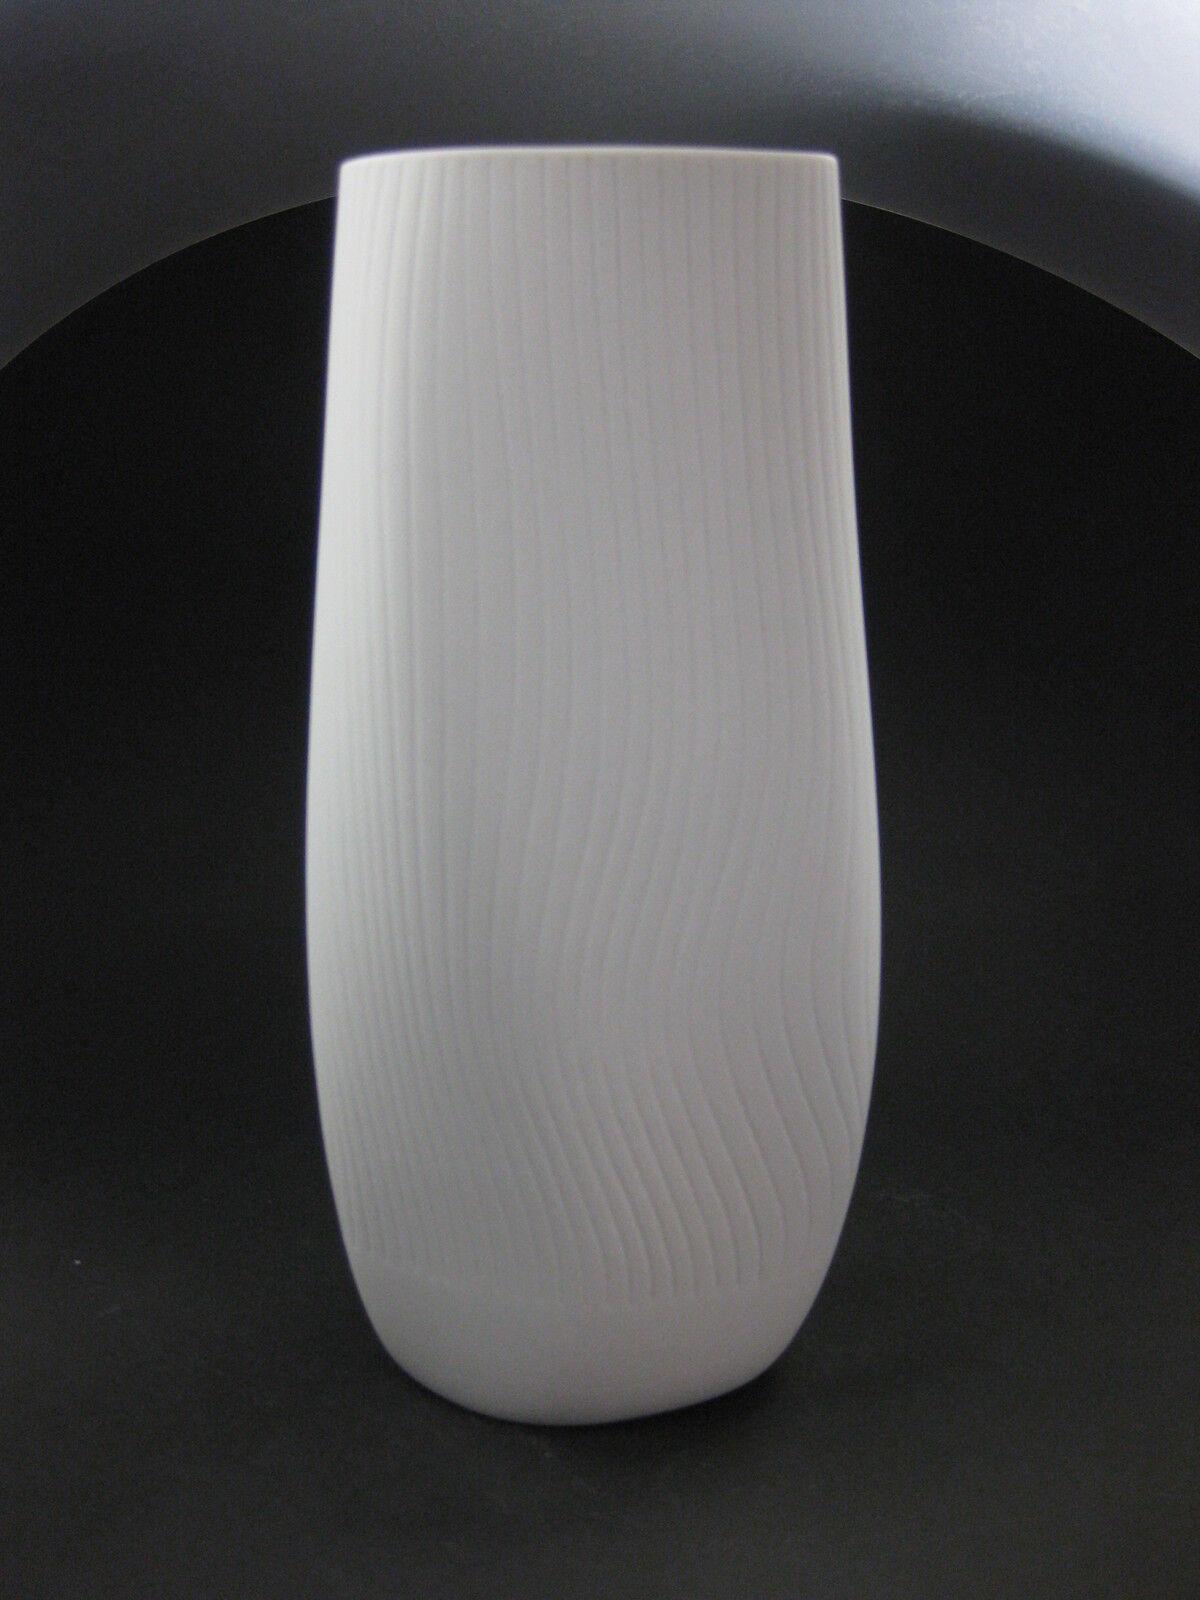 Meissen Blanc vase excellent état 19 CM nouveau tide New épées New 1 choix